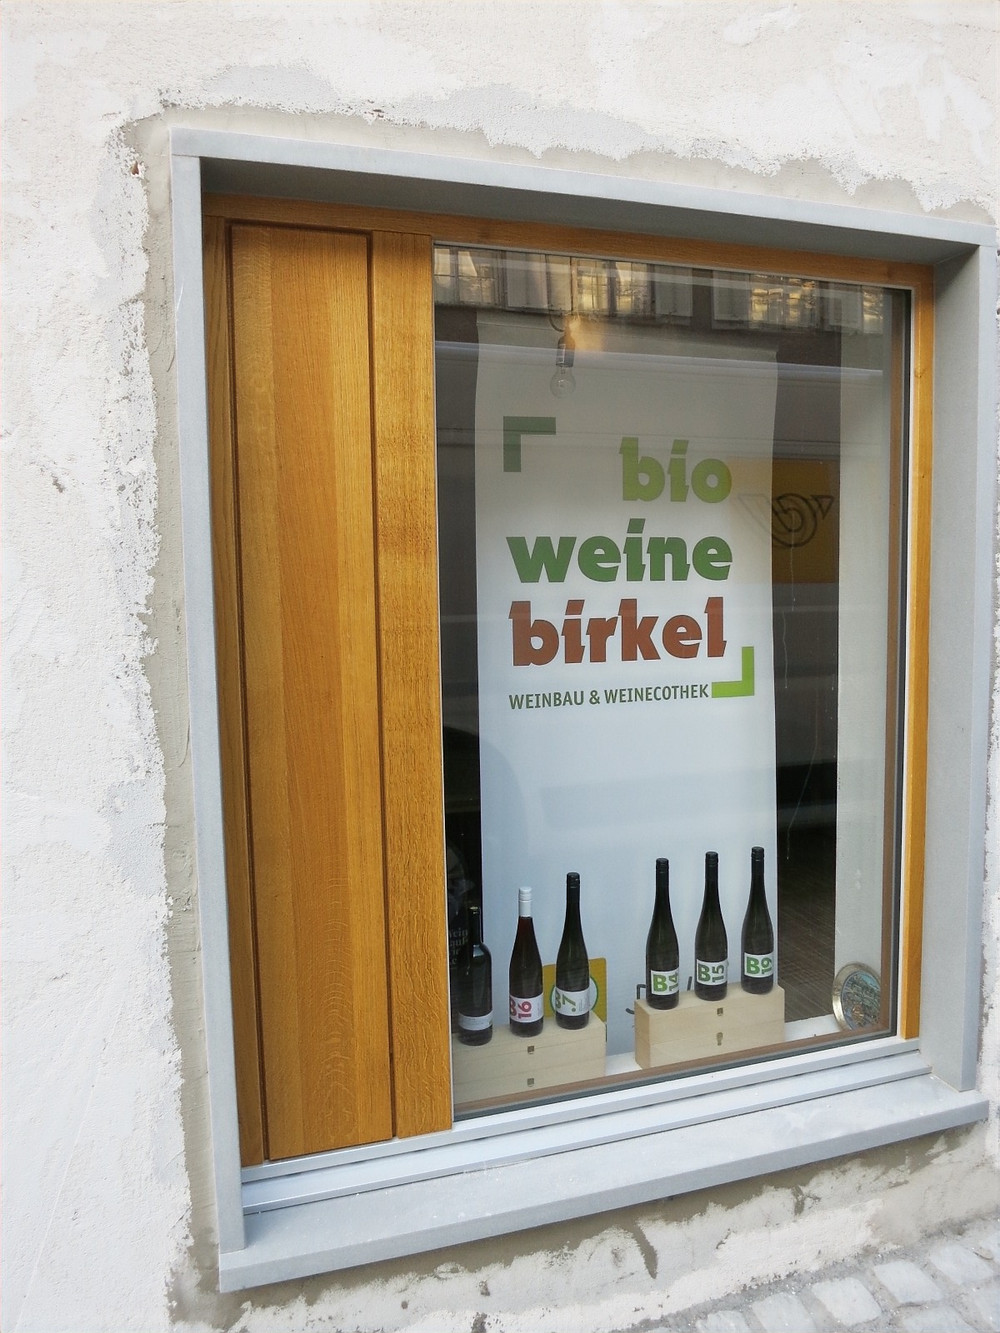 bioweine birkel, marktstraße 40, hohenems, neuer standort, neues geschäft